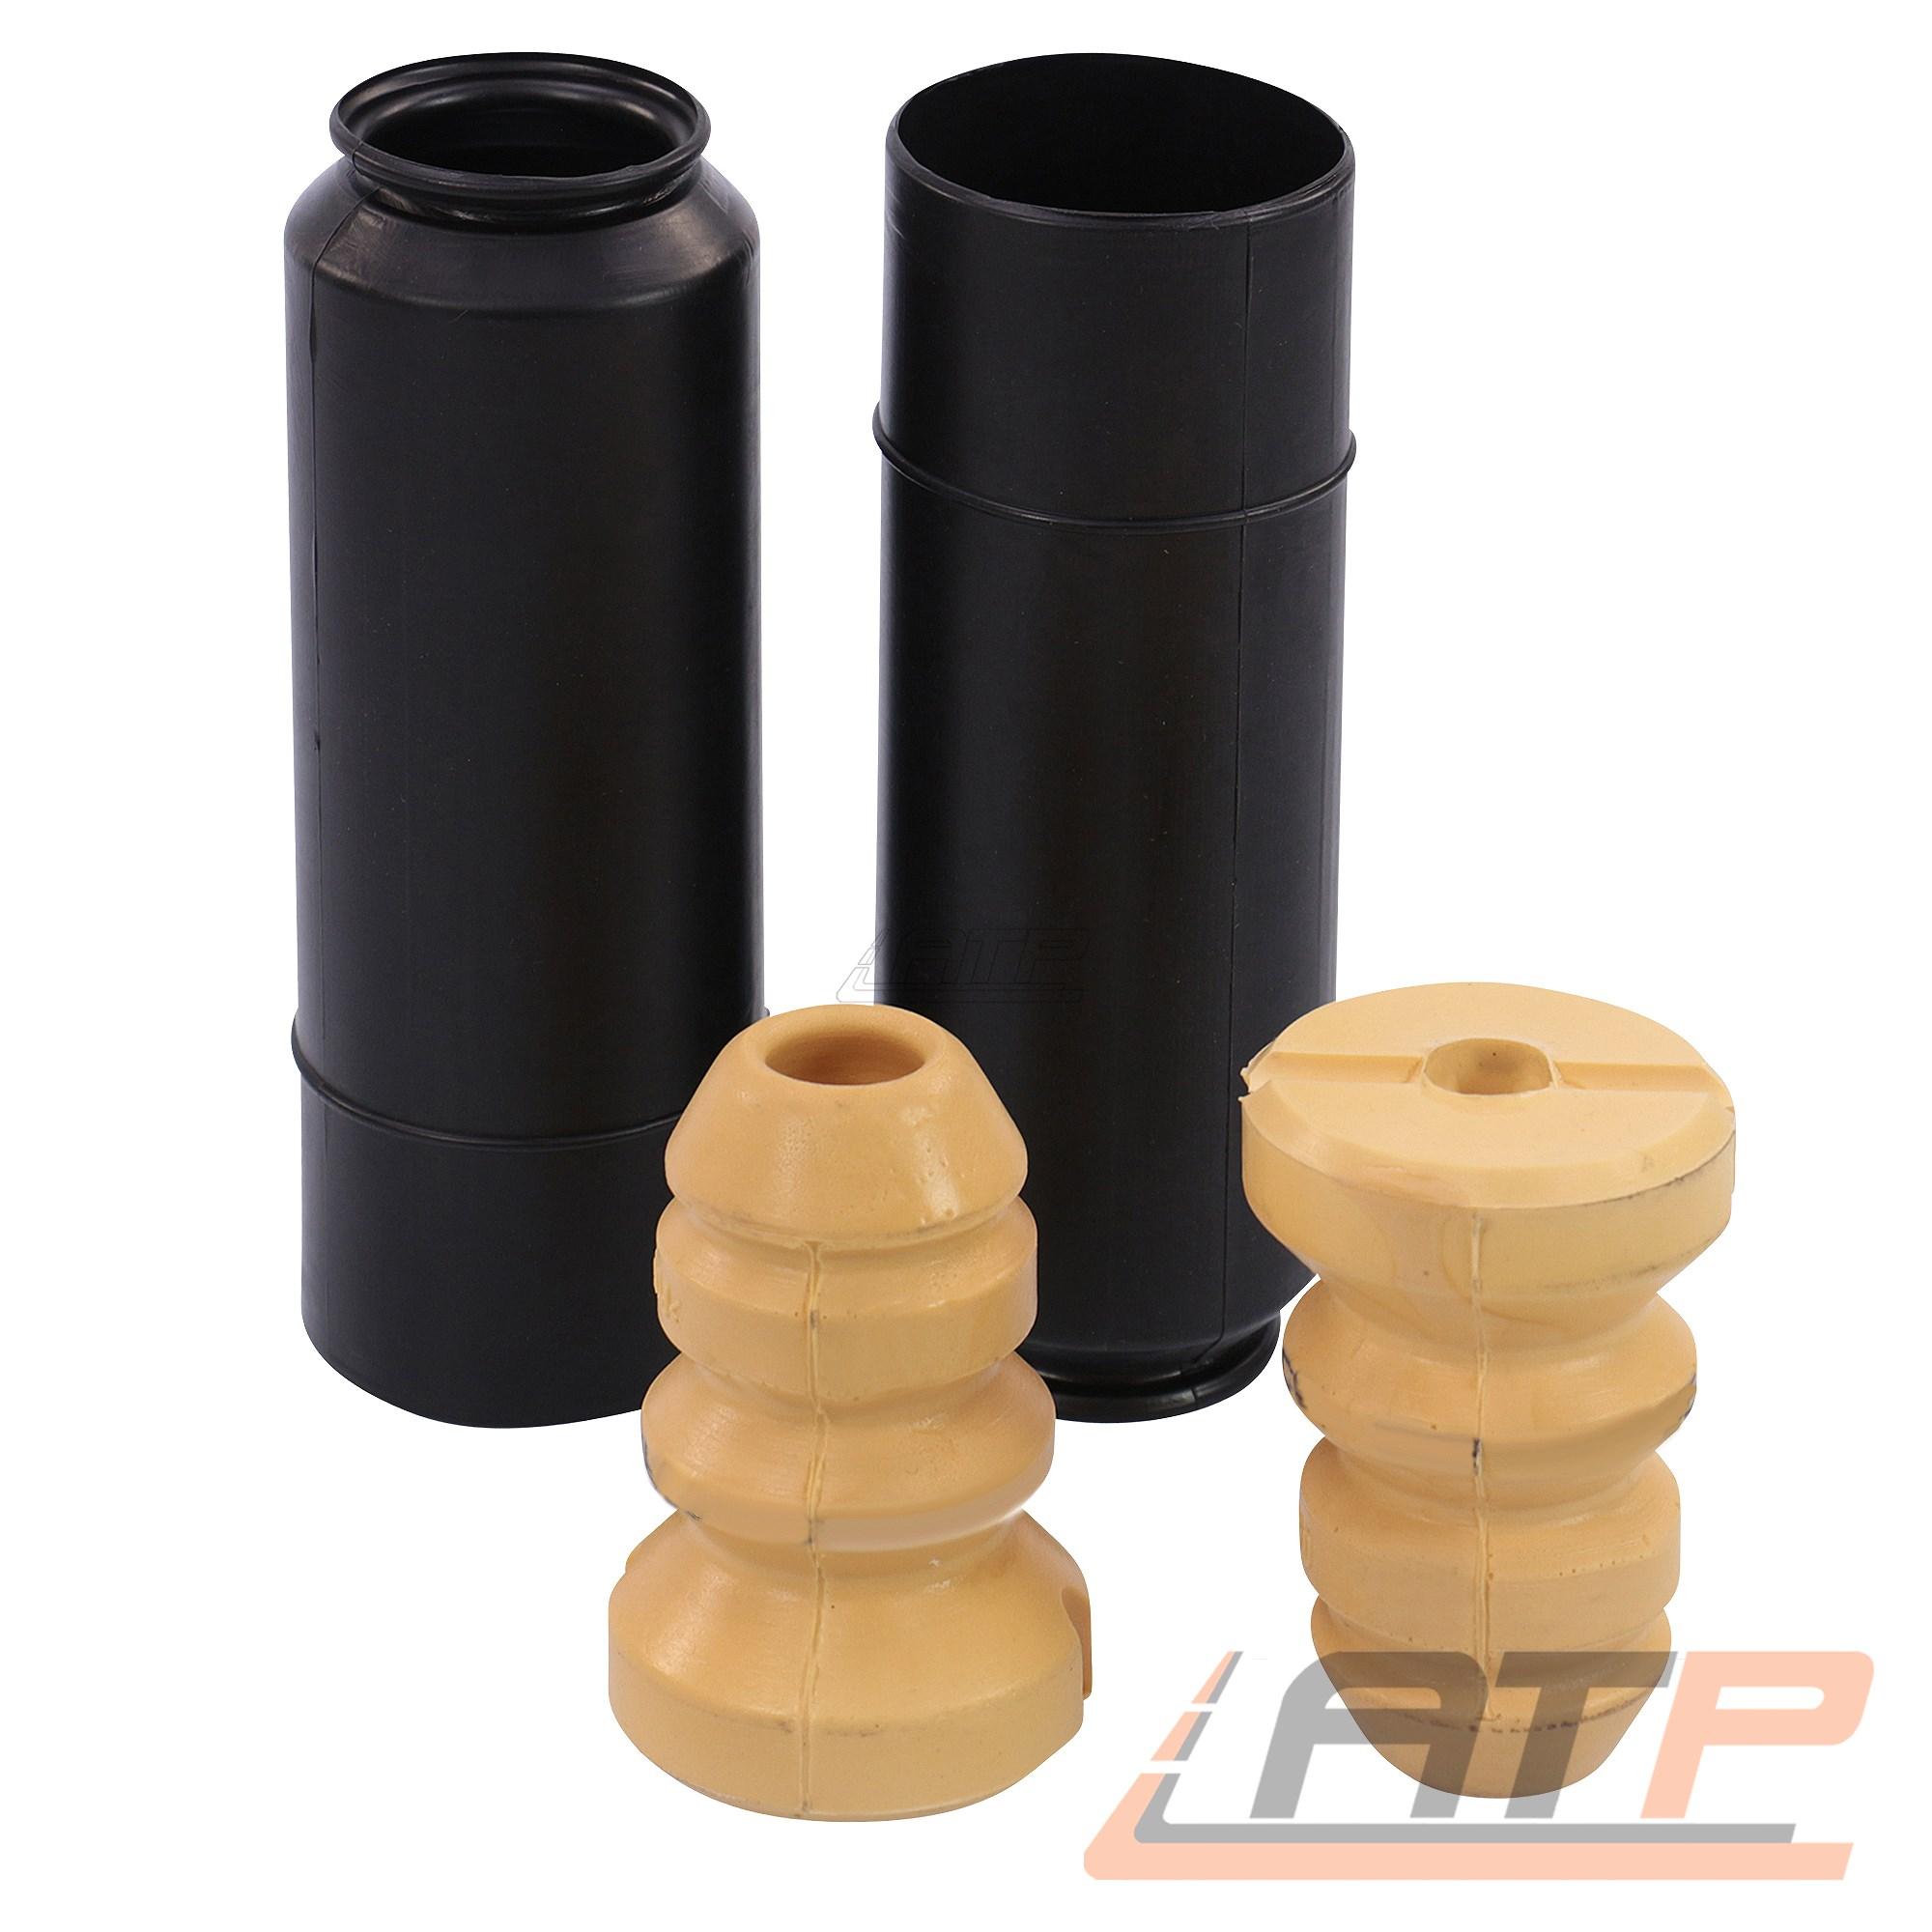 Protezione dalla polvere Set antipolvere-Set SERVICE-KIT POSTERIORE BMW 1-er e81 e82 e87 e88